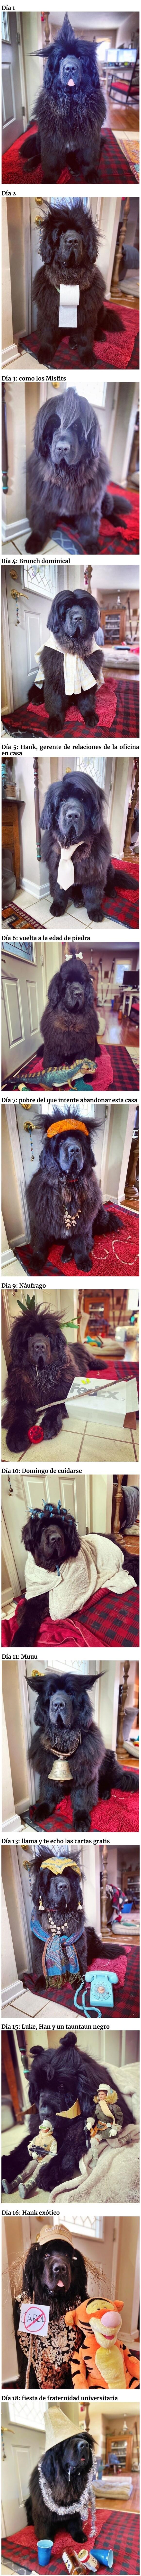 11006 - Esta dueña peina a su perro cada día desde que empezó la cuarentena, y la gente está deseando ver los peinados cada día